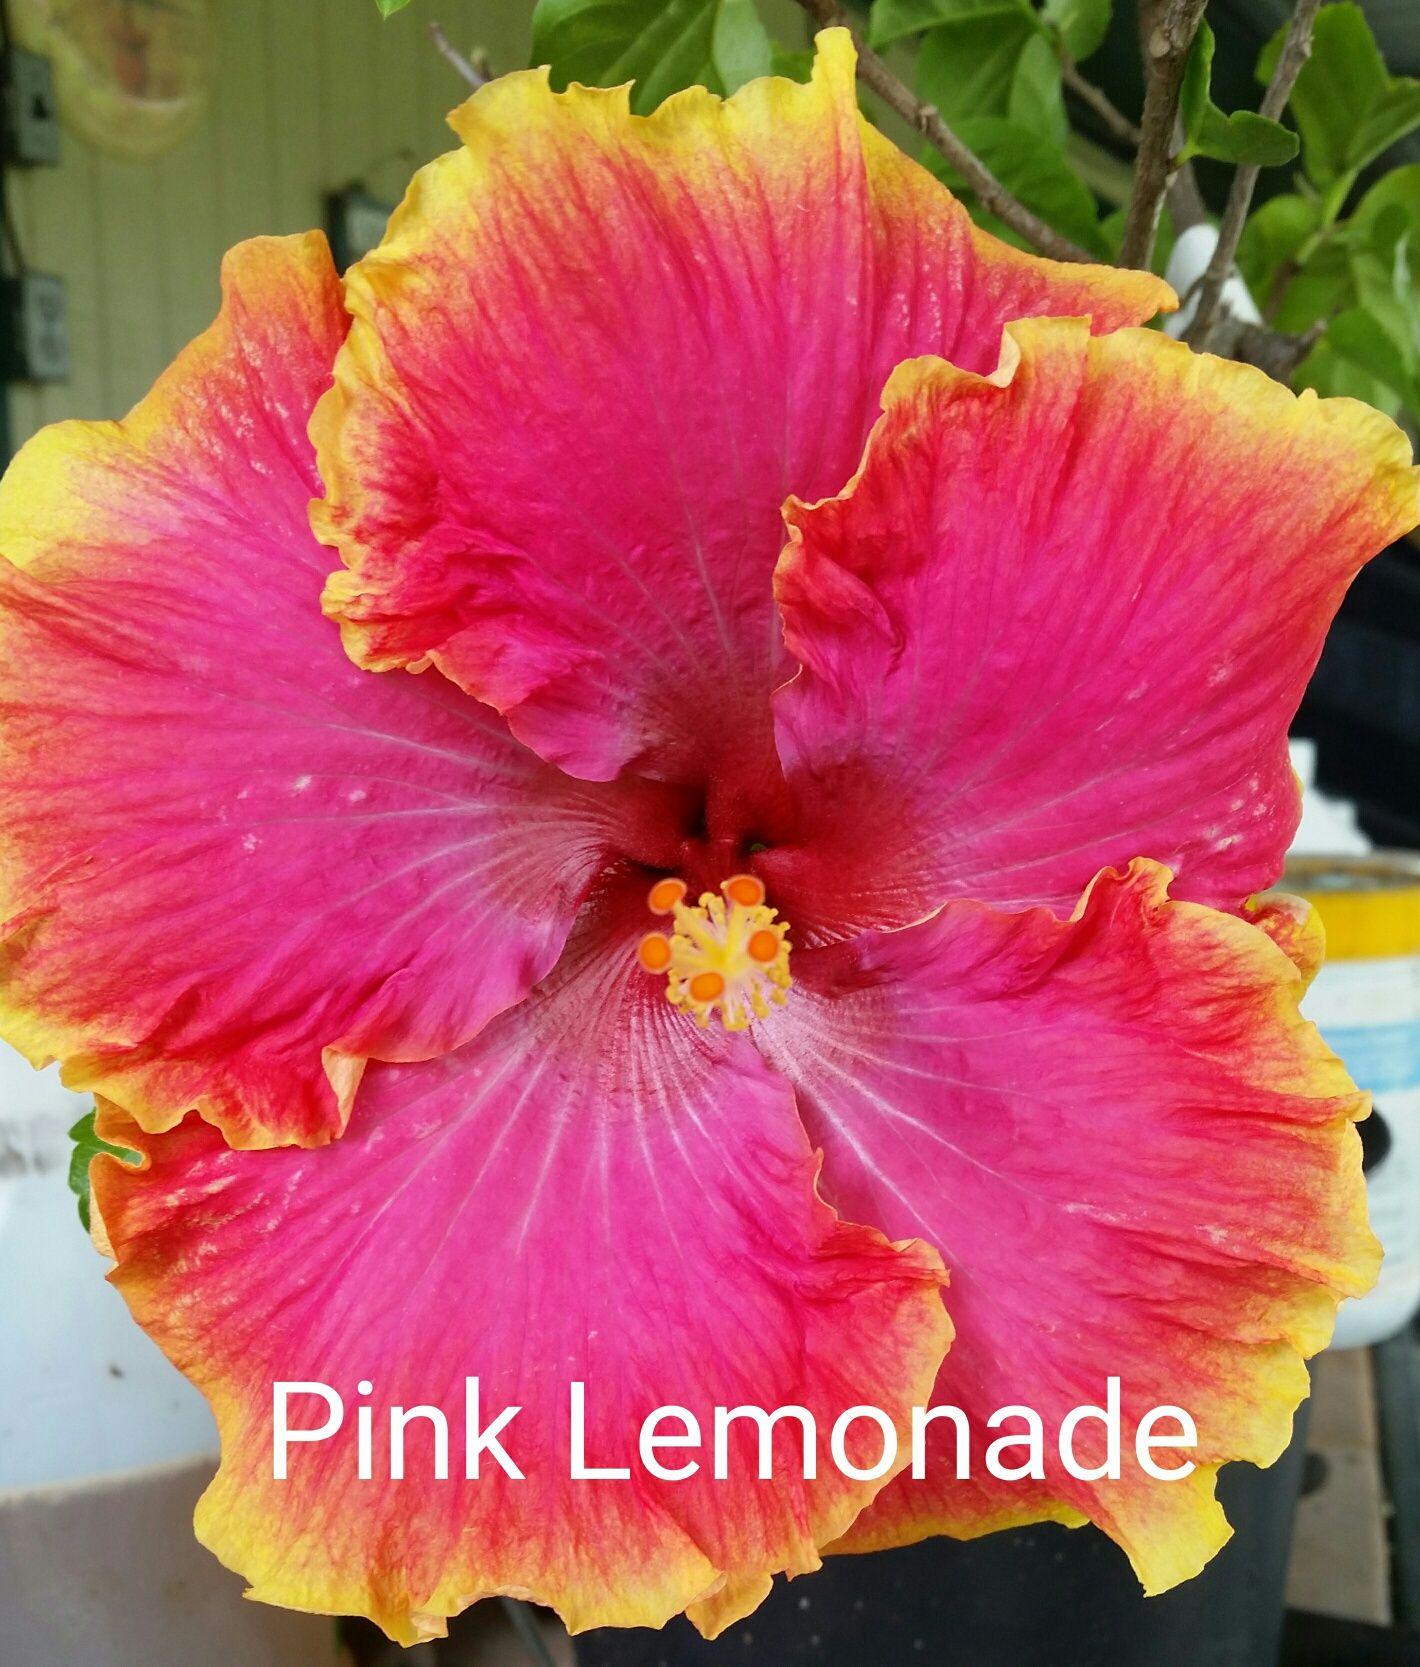 Pink lemonade hibiscus hibiscus we grow pinterest hibiscus pink lemonade hibiscus mightylinksfo